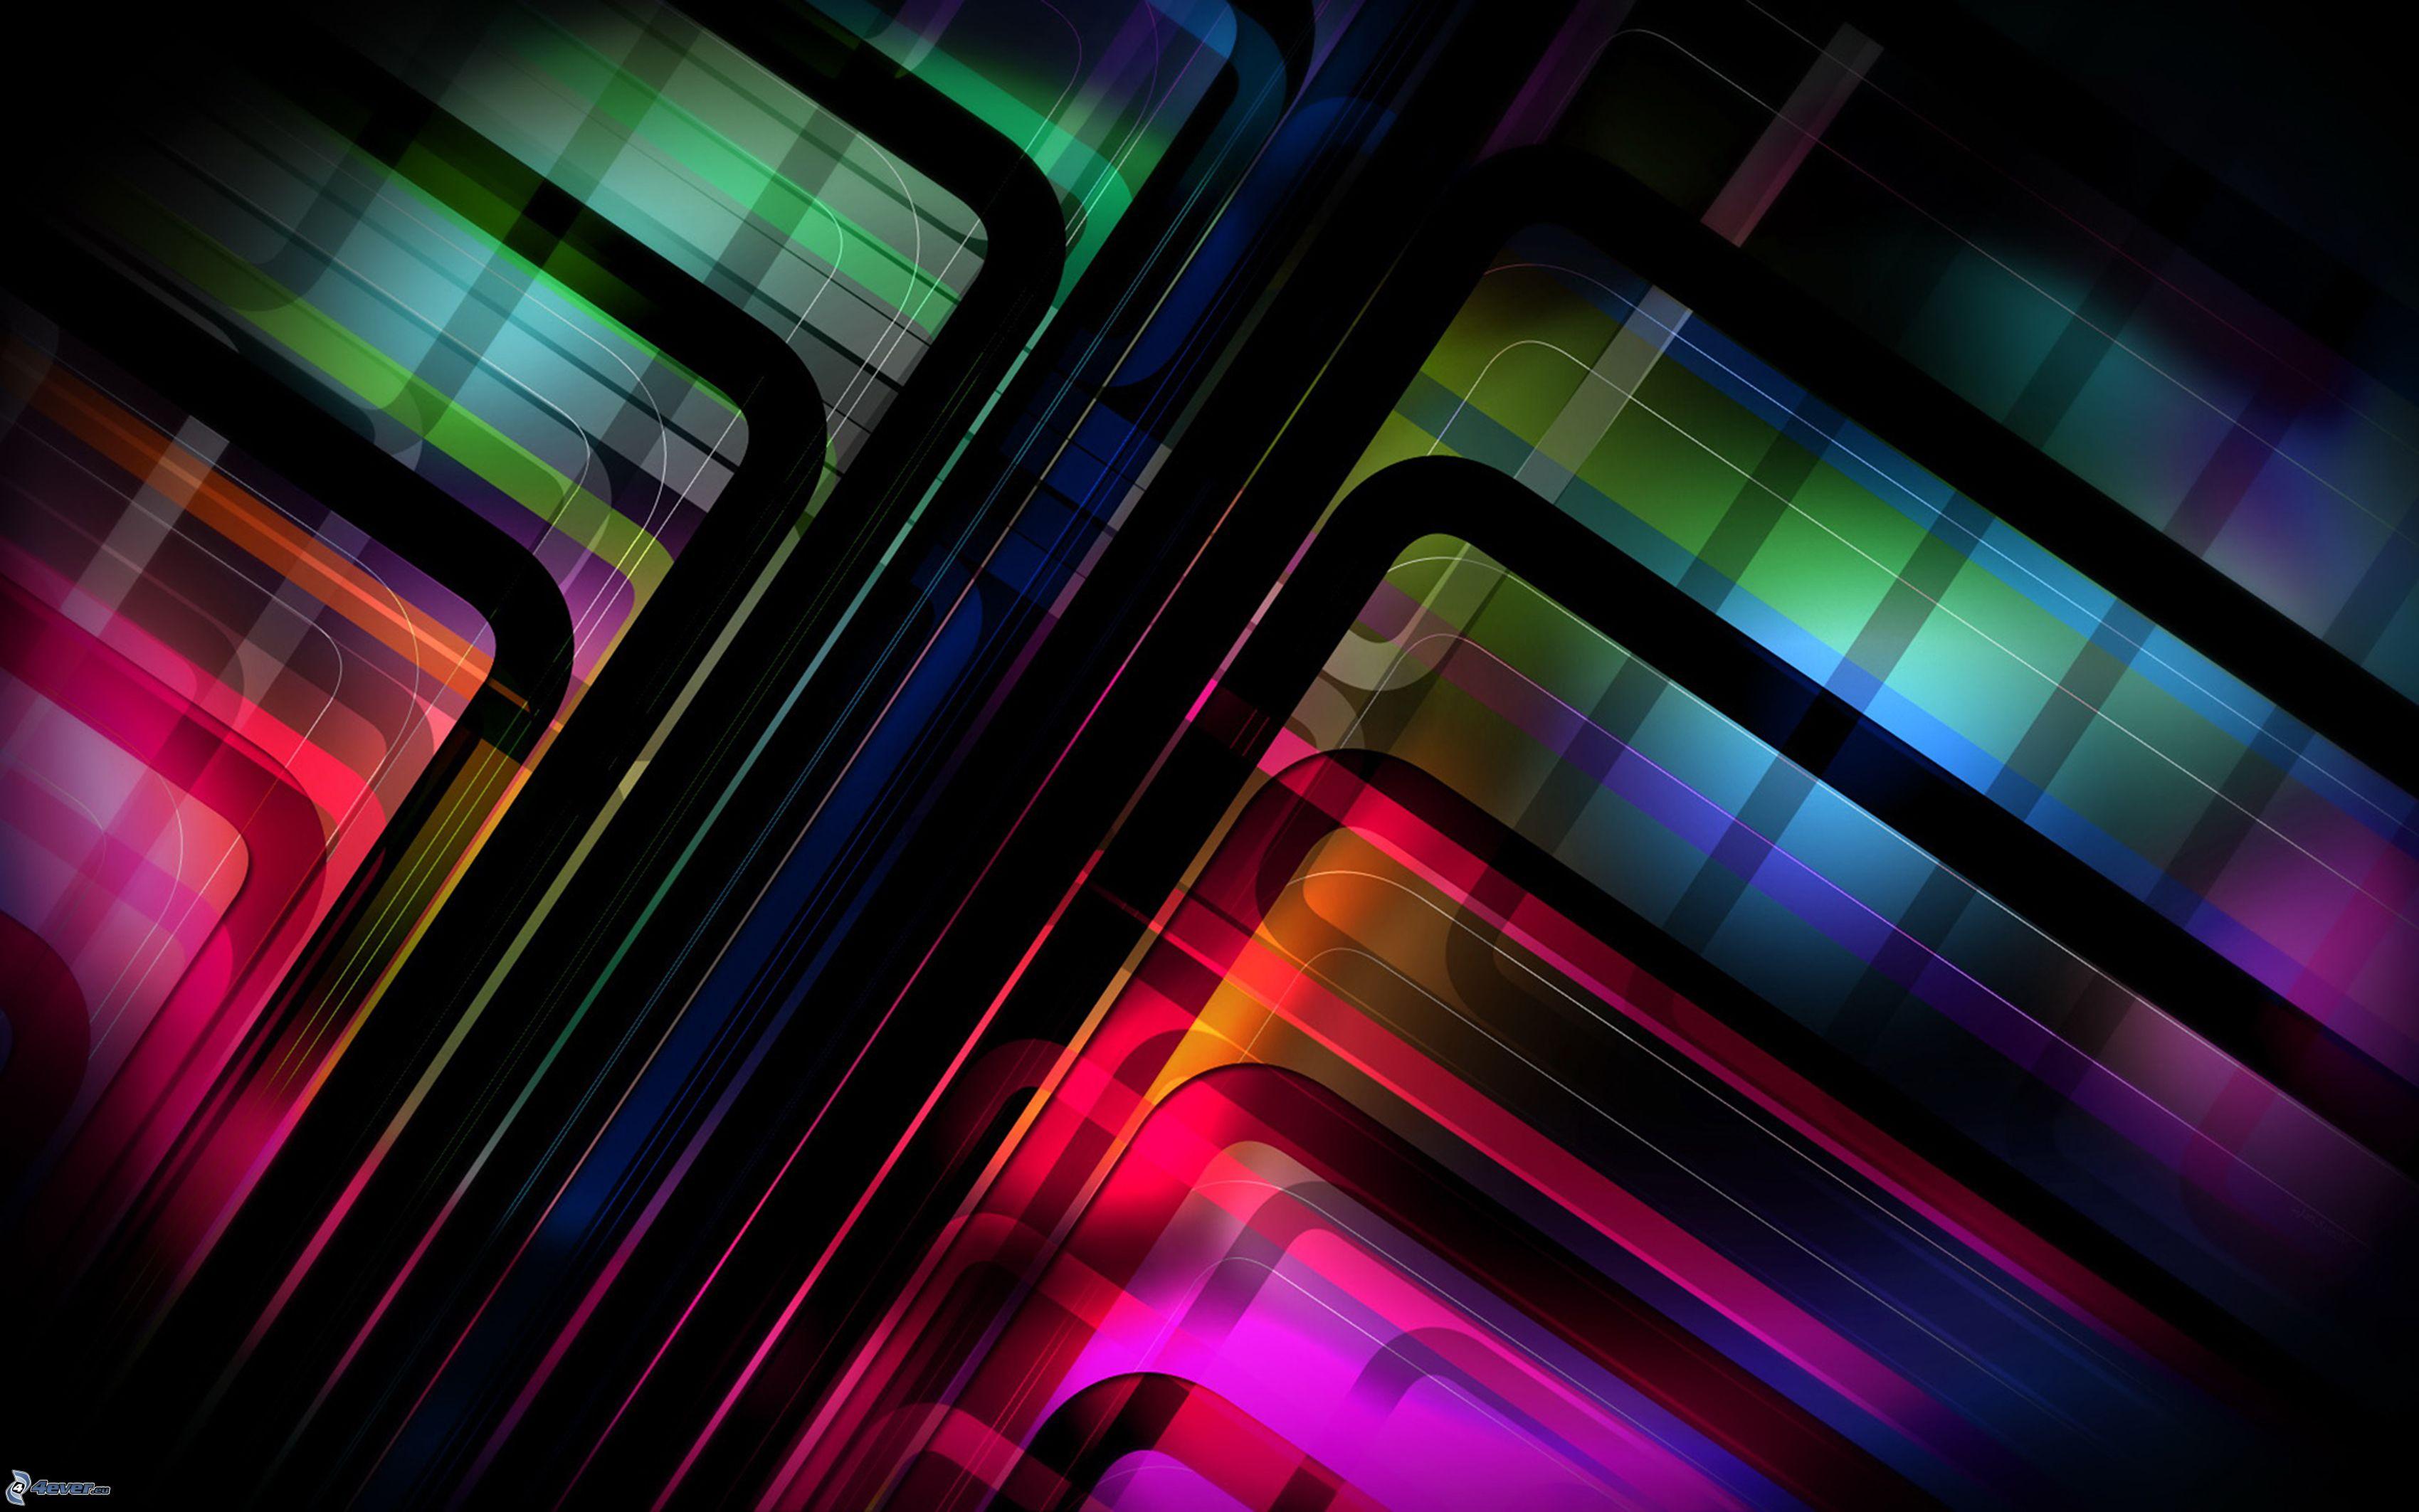 Publicidad Imagenes Abstractas: Líneas Abstractas De Colores